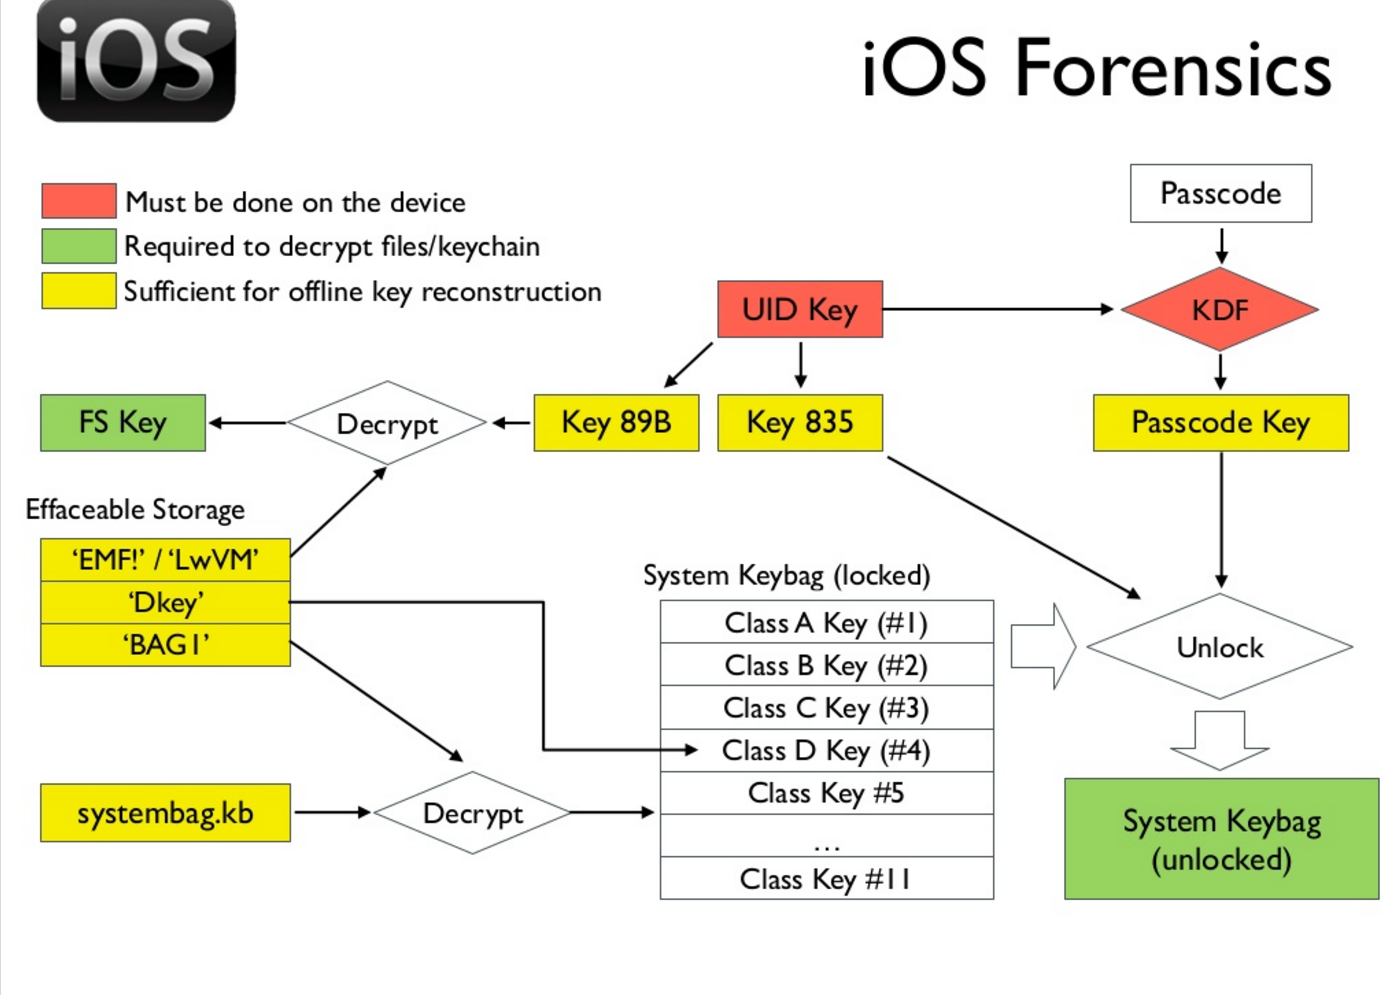 Демонстрация брутфорса пароля iPhone 5c c зеркалированием флэш-памяти - 2